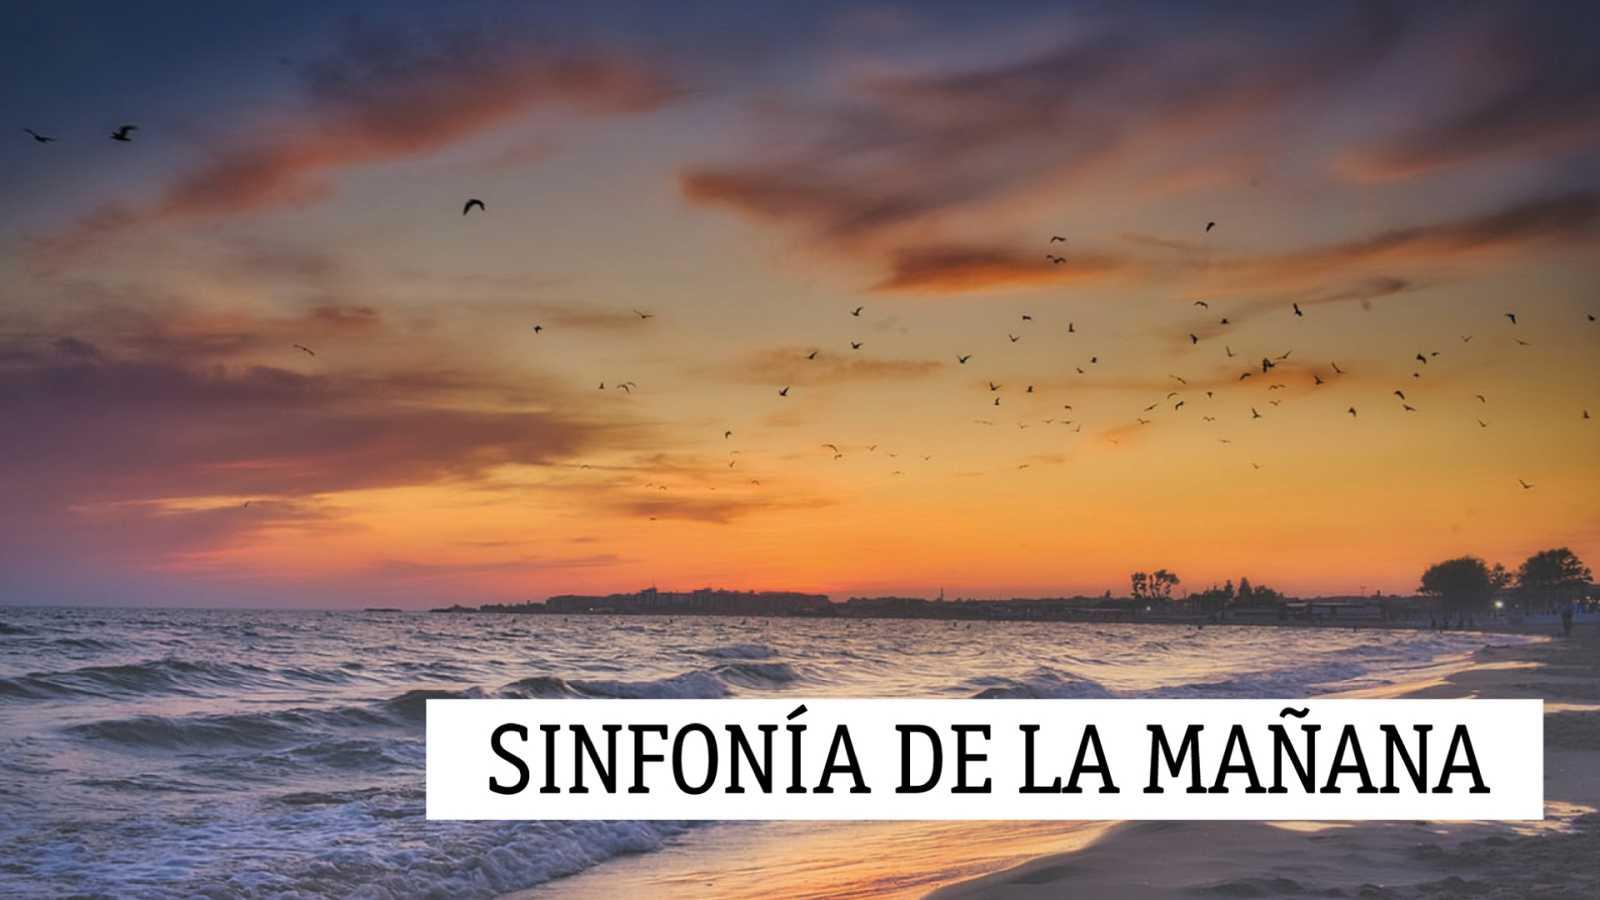 Sinfonía de la mañana - Músicas que empachan - 07/04/21 - escuchar ahora